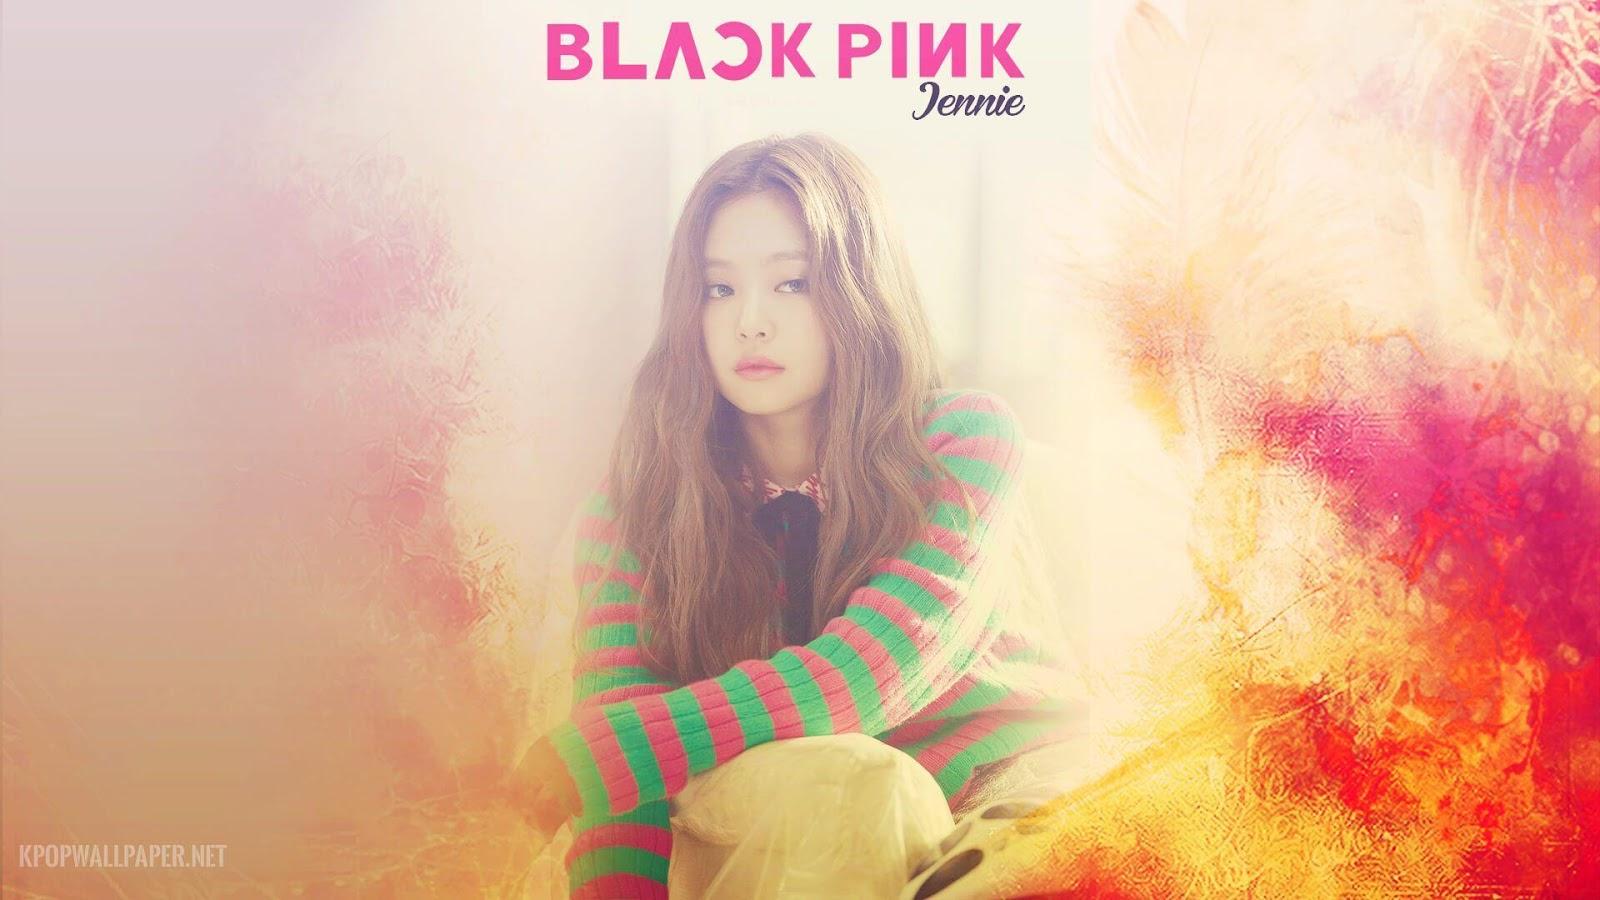 Blackpink Jennie Wallpaper